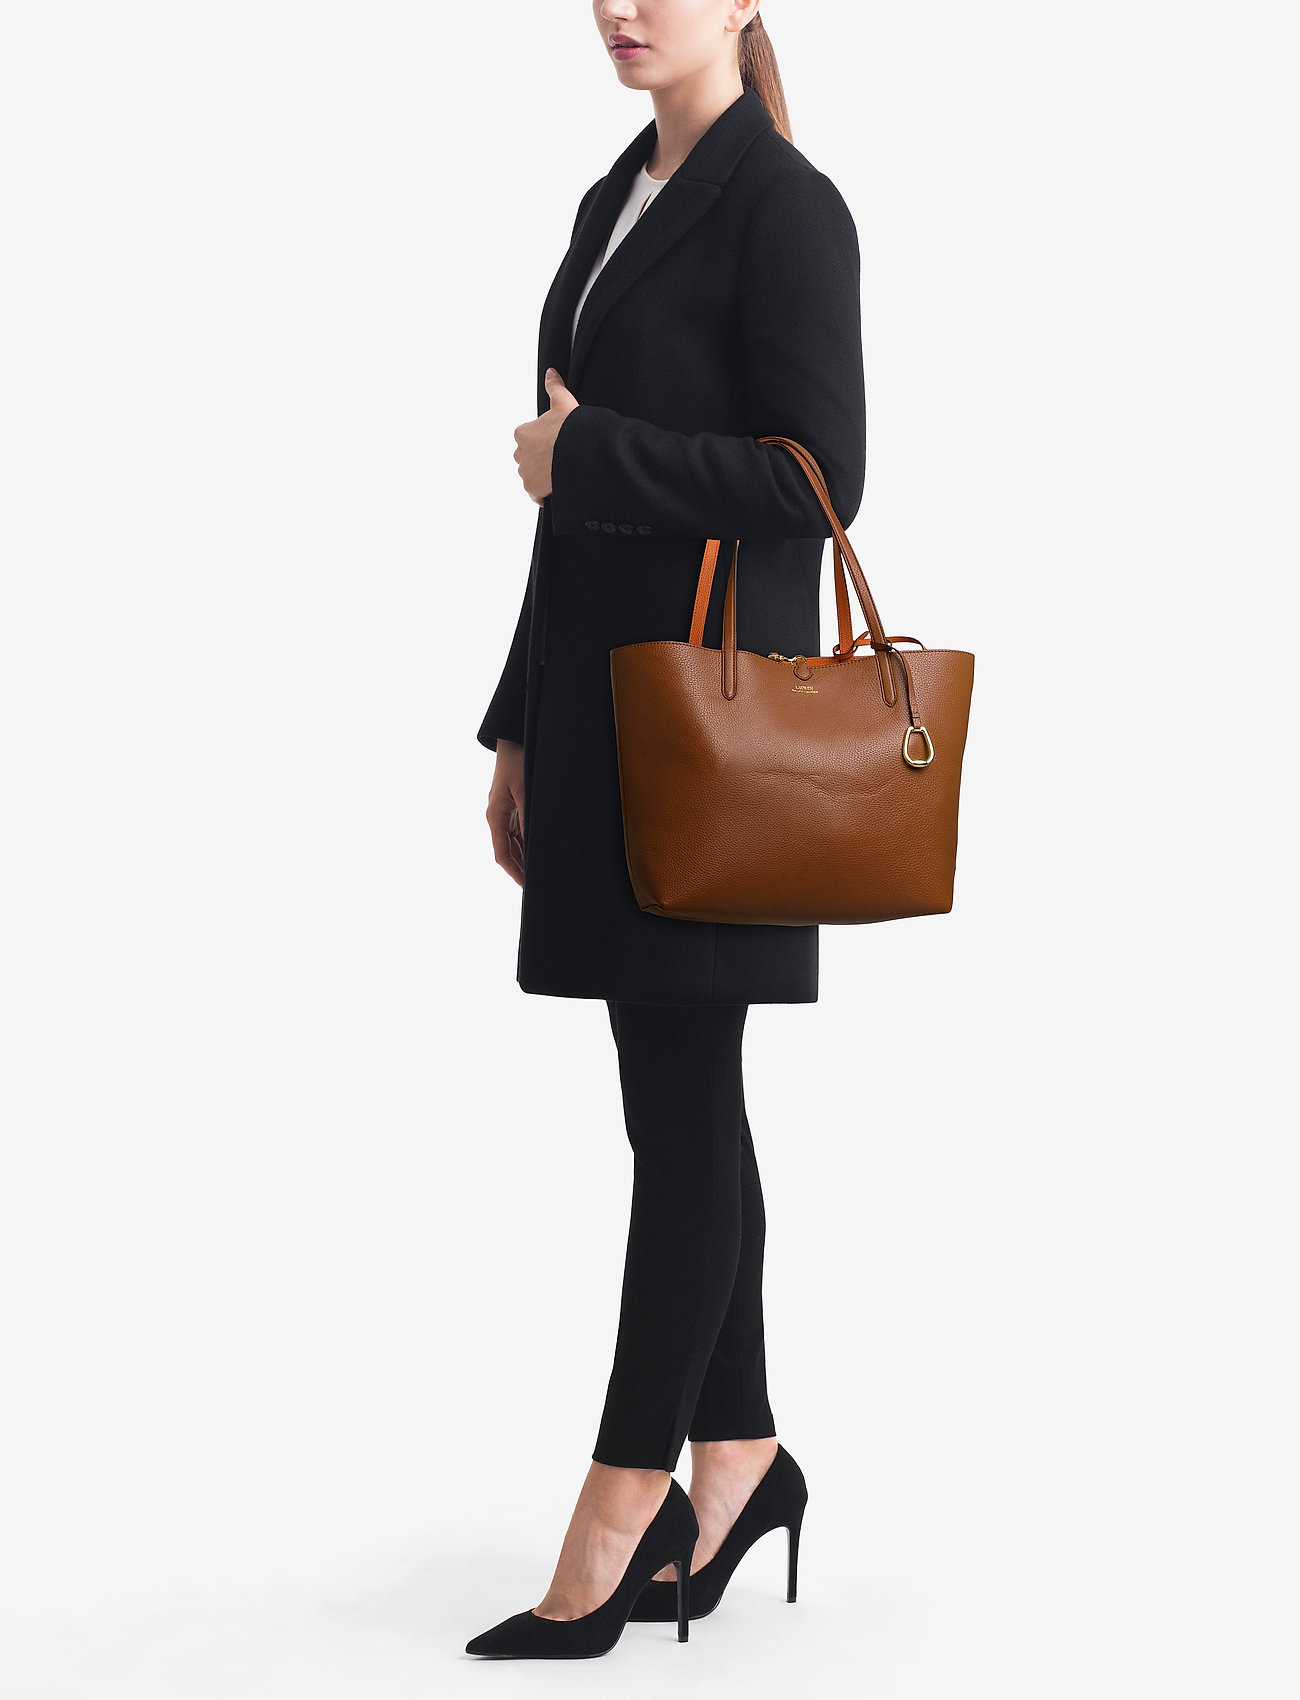 Lauren Ralph Lauren Reversible Faux Leather Tote - LAUREN TAN/ORANGE